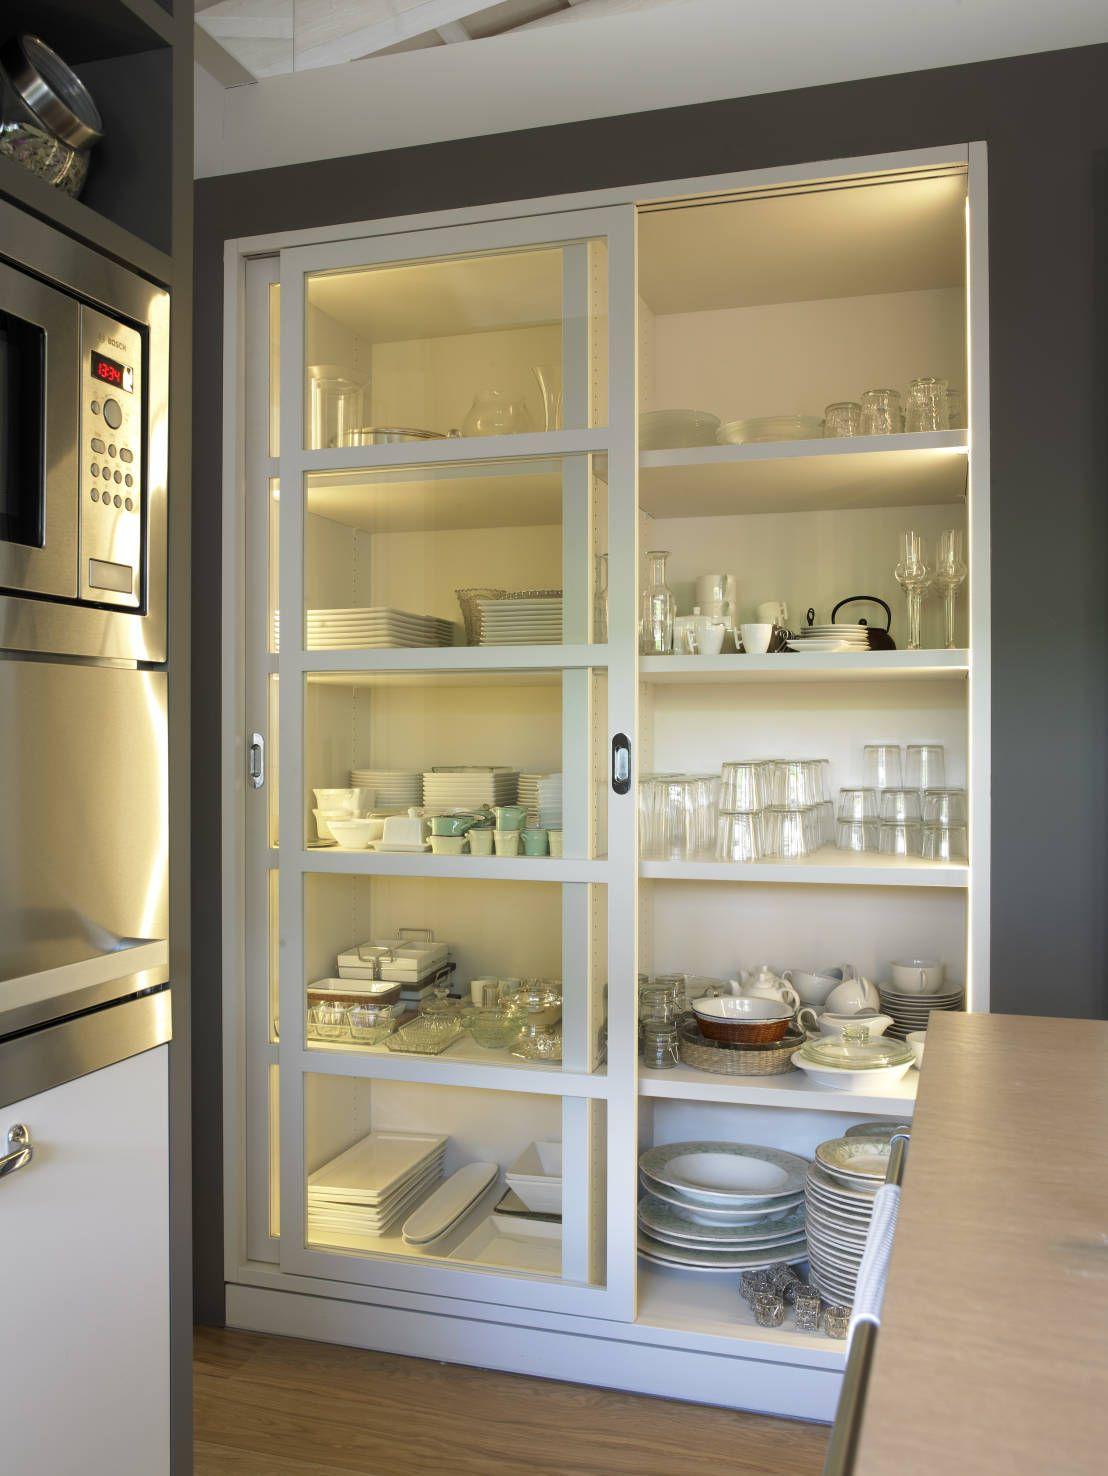 Mueble vajillero con iluminaci n interior y puertas - Iluminacion muebles cocina ...